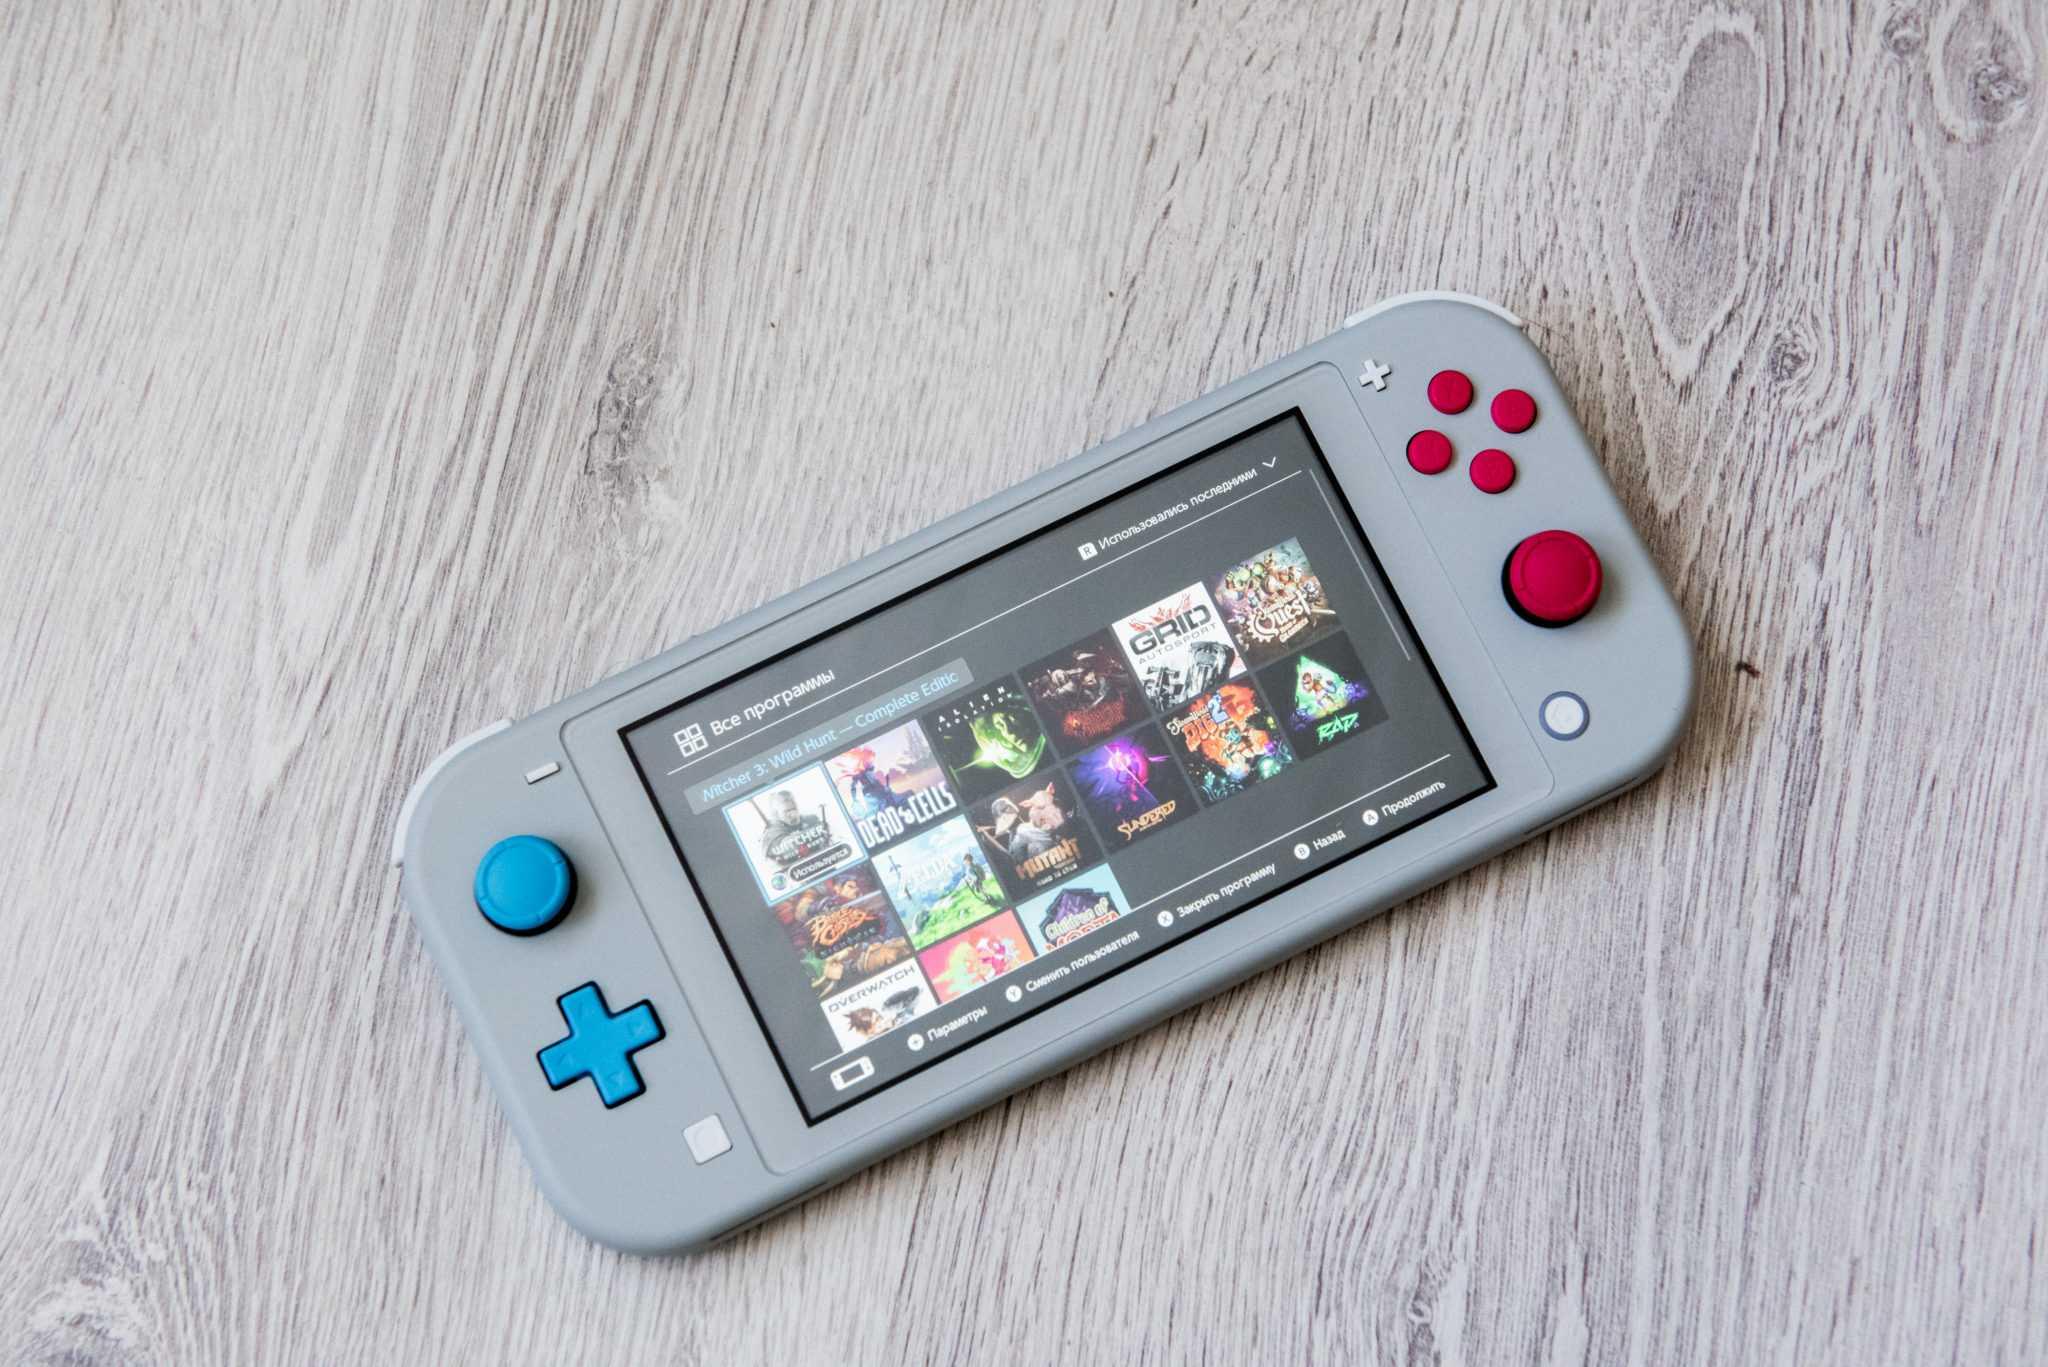 Открываем новую ревизию nintendo switch — самую гибкую консоль в мире